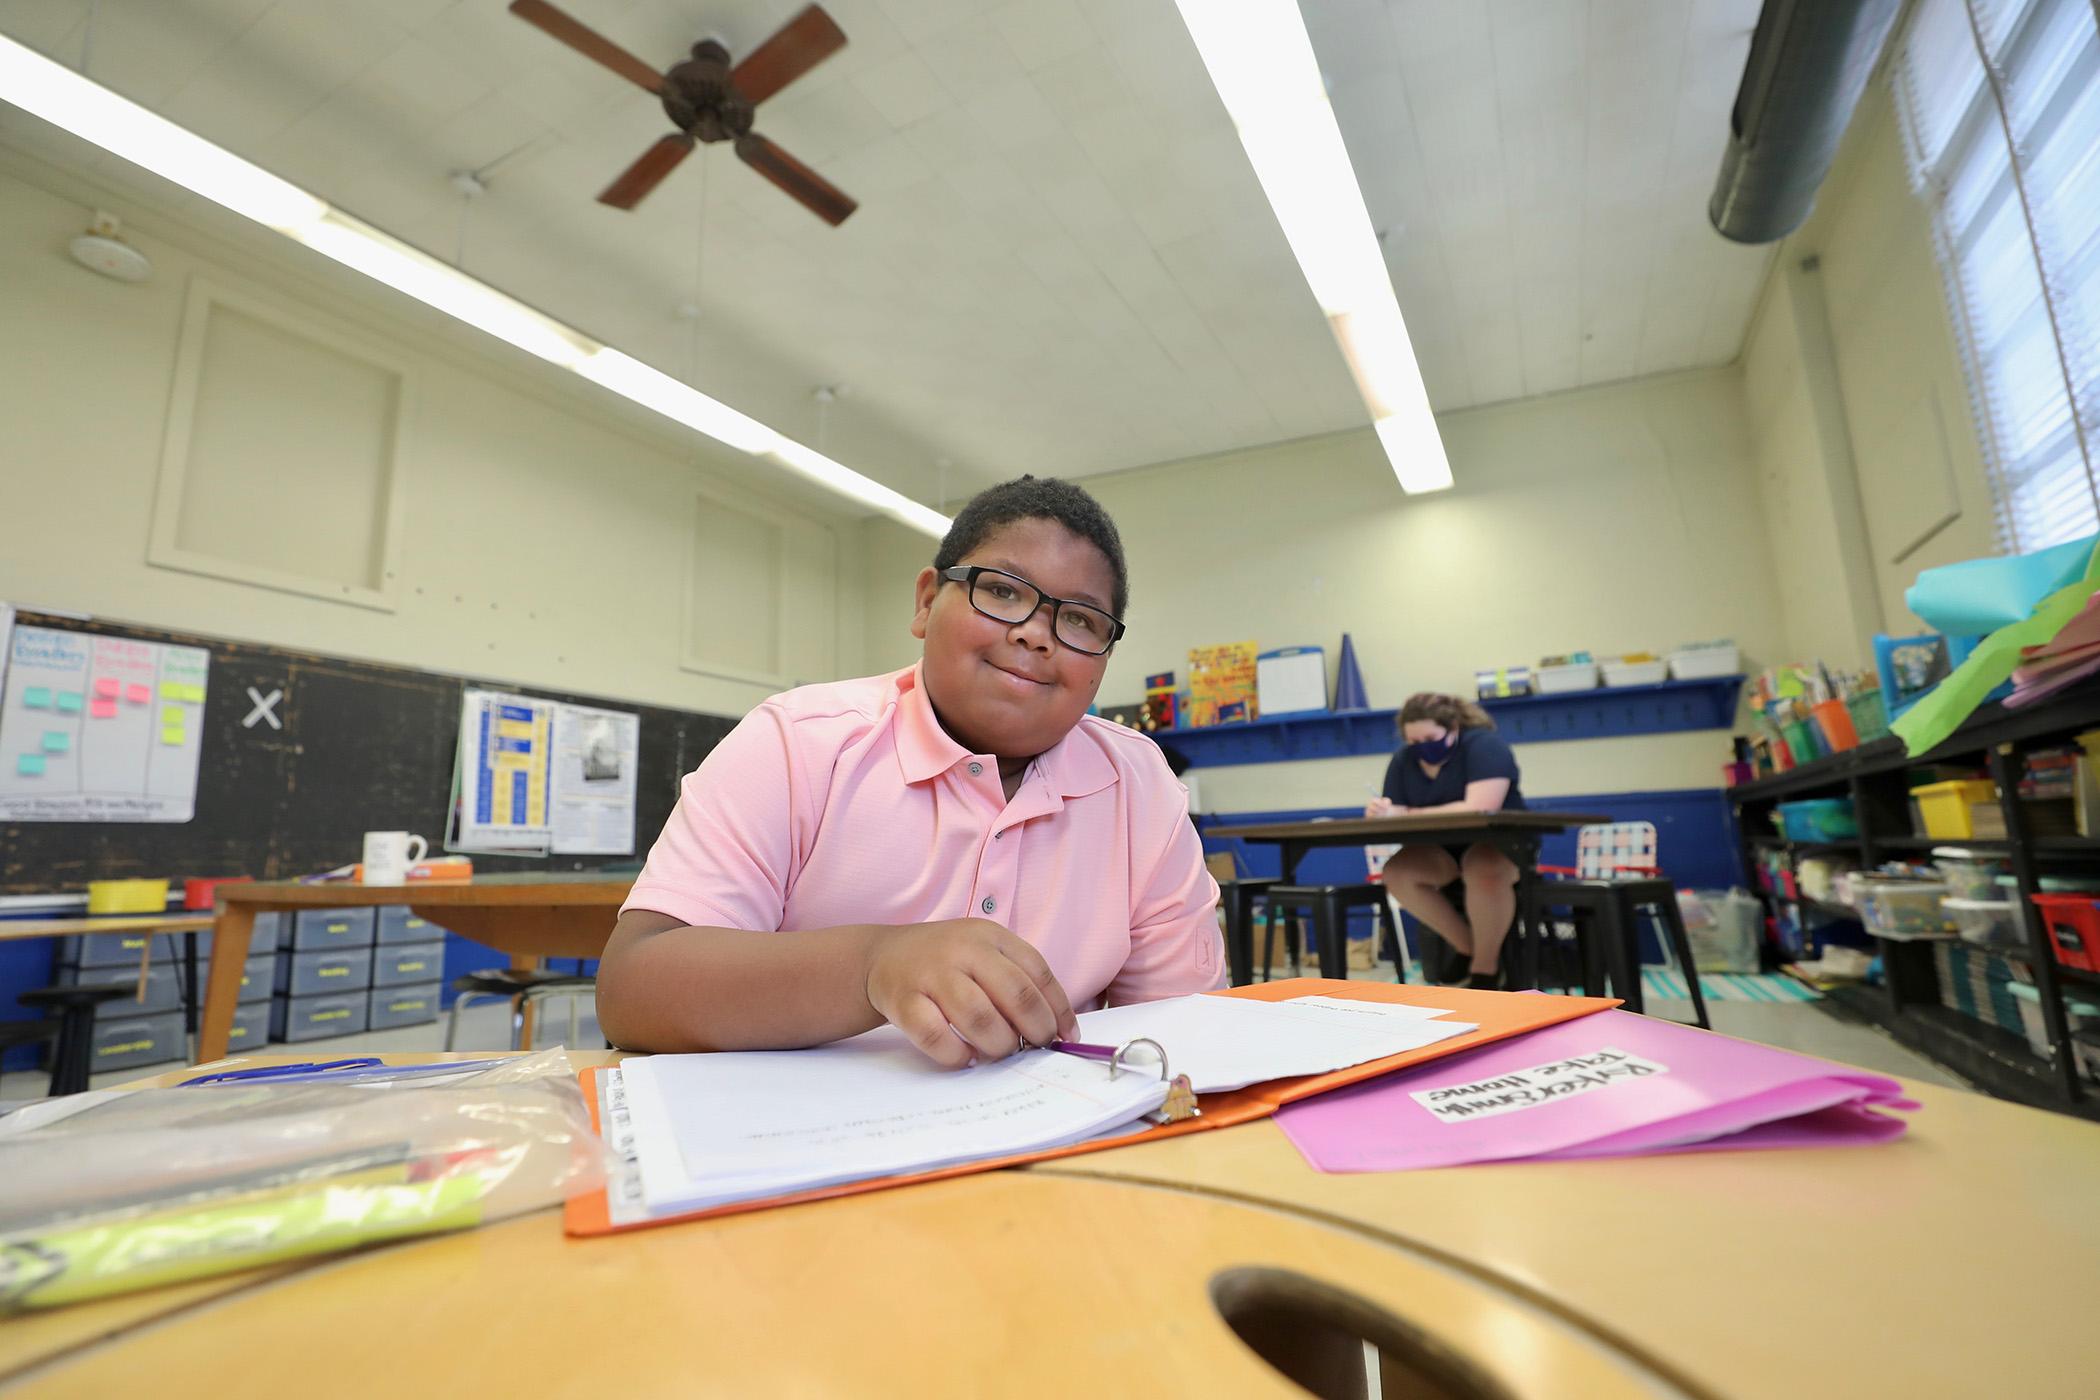 A student attends summer school.